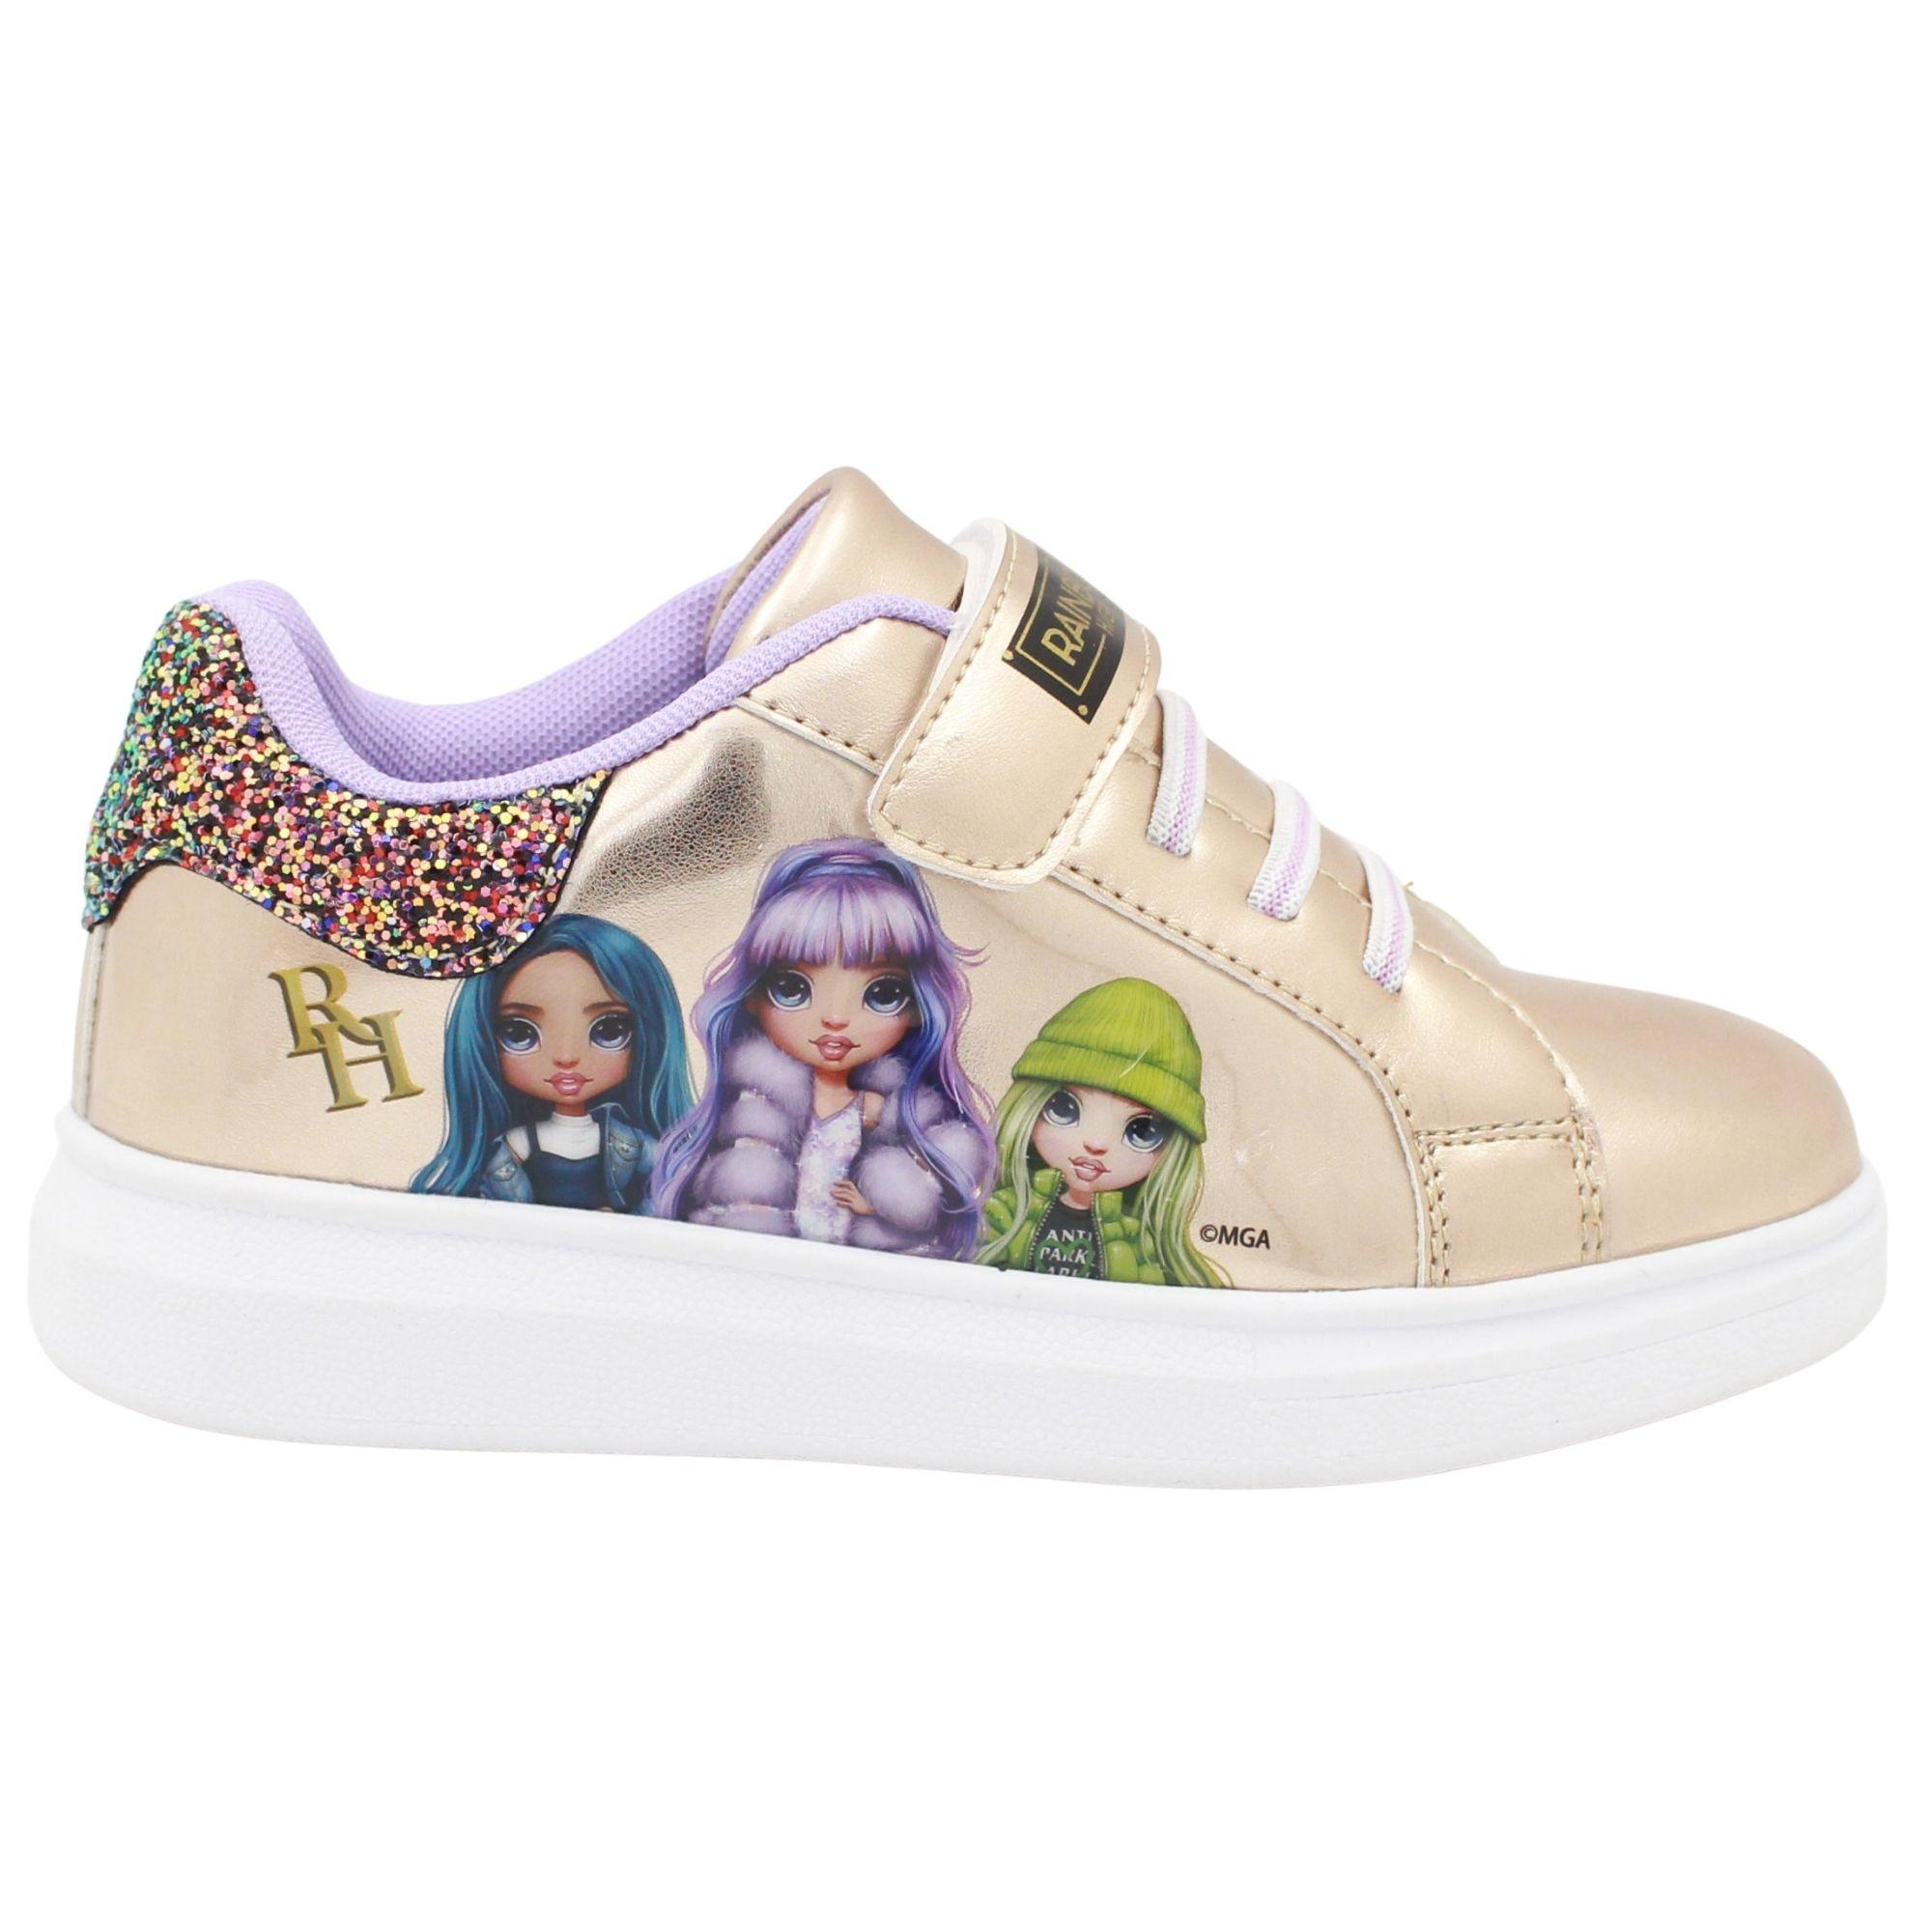 Scarpe Sneakers Rainbow High Platino e Violette Numeri dal 25 al 32 novità Omaggio Due pennarelli